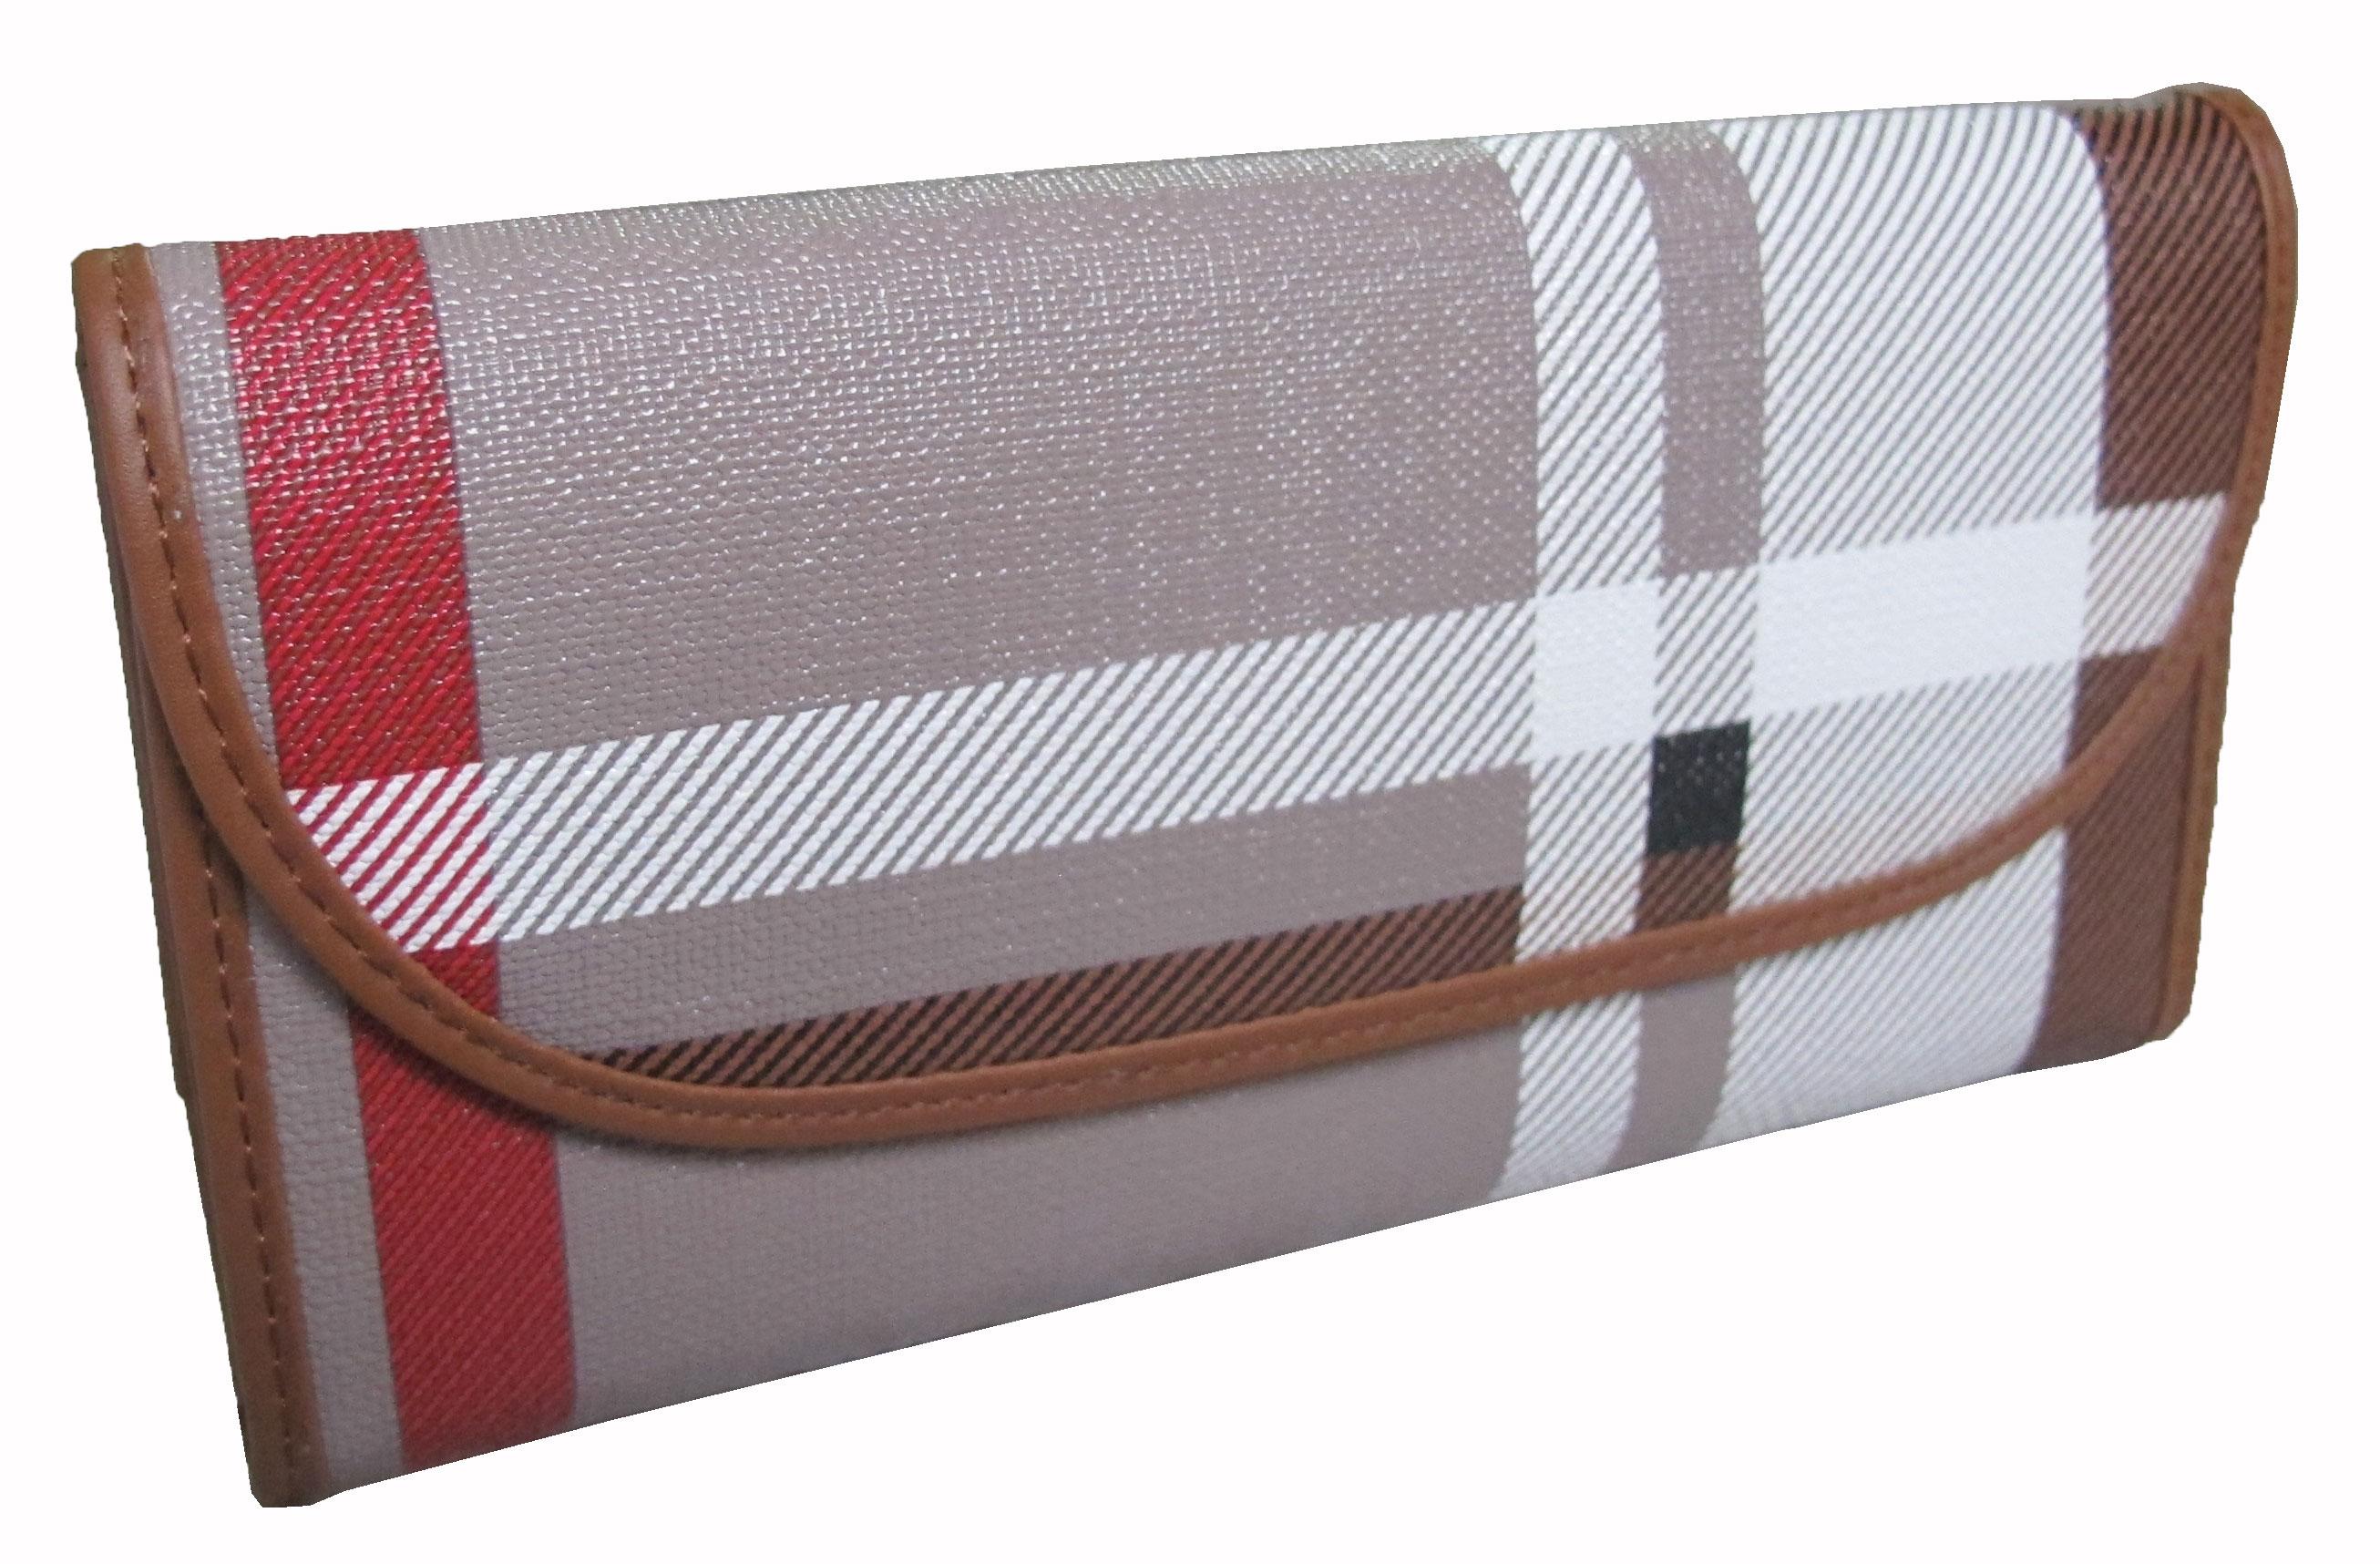 กระเป๋าสตางค์ ทรงยาวลายสก็อตเป็นแบบ 3 พับ ลวดลายสวยงาม